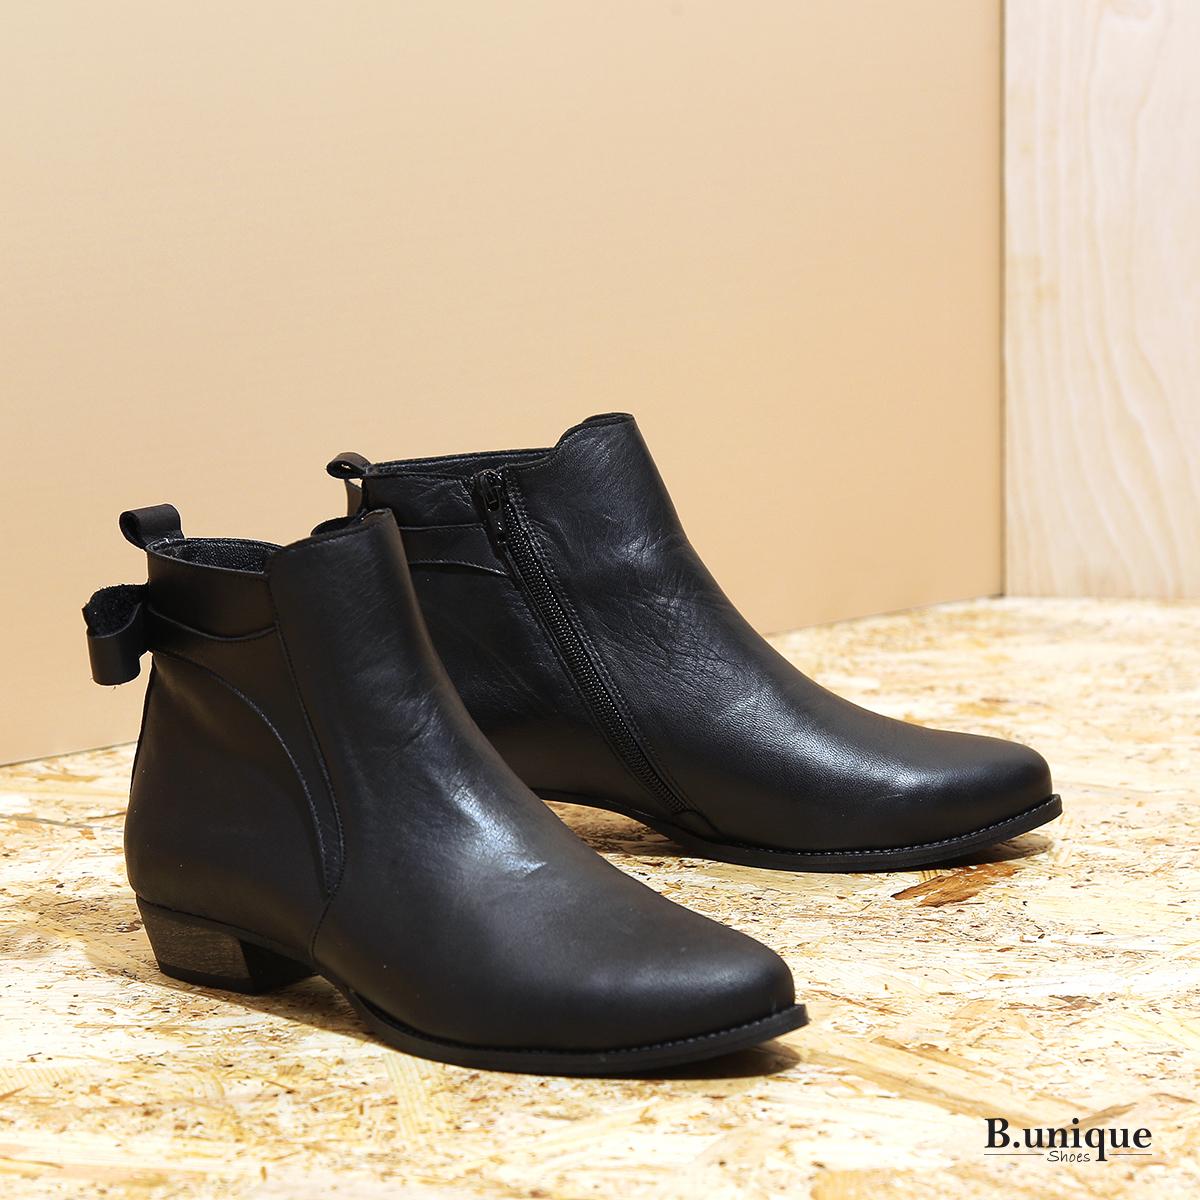 דגם ניס: מגפונים לנשים בצבע שחור - B.unique